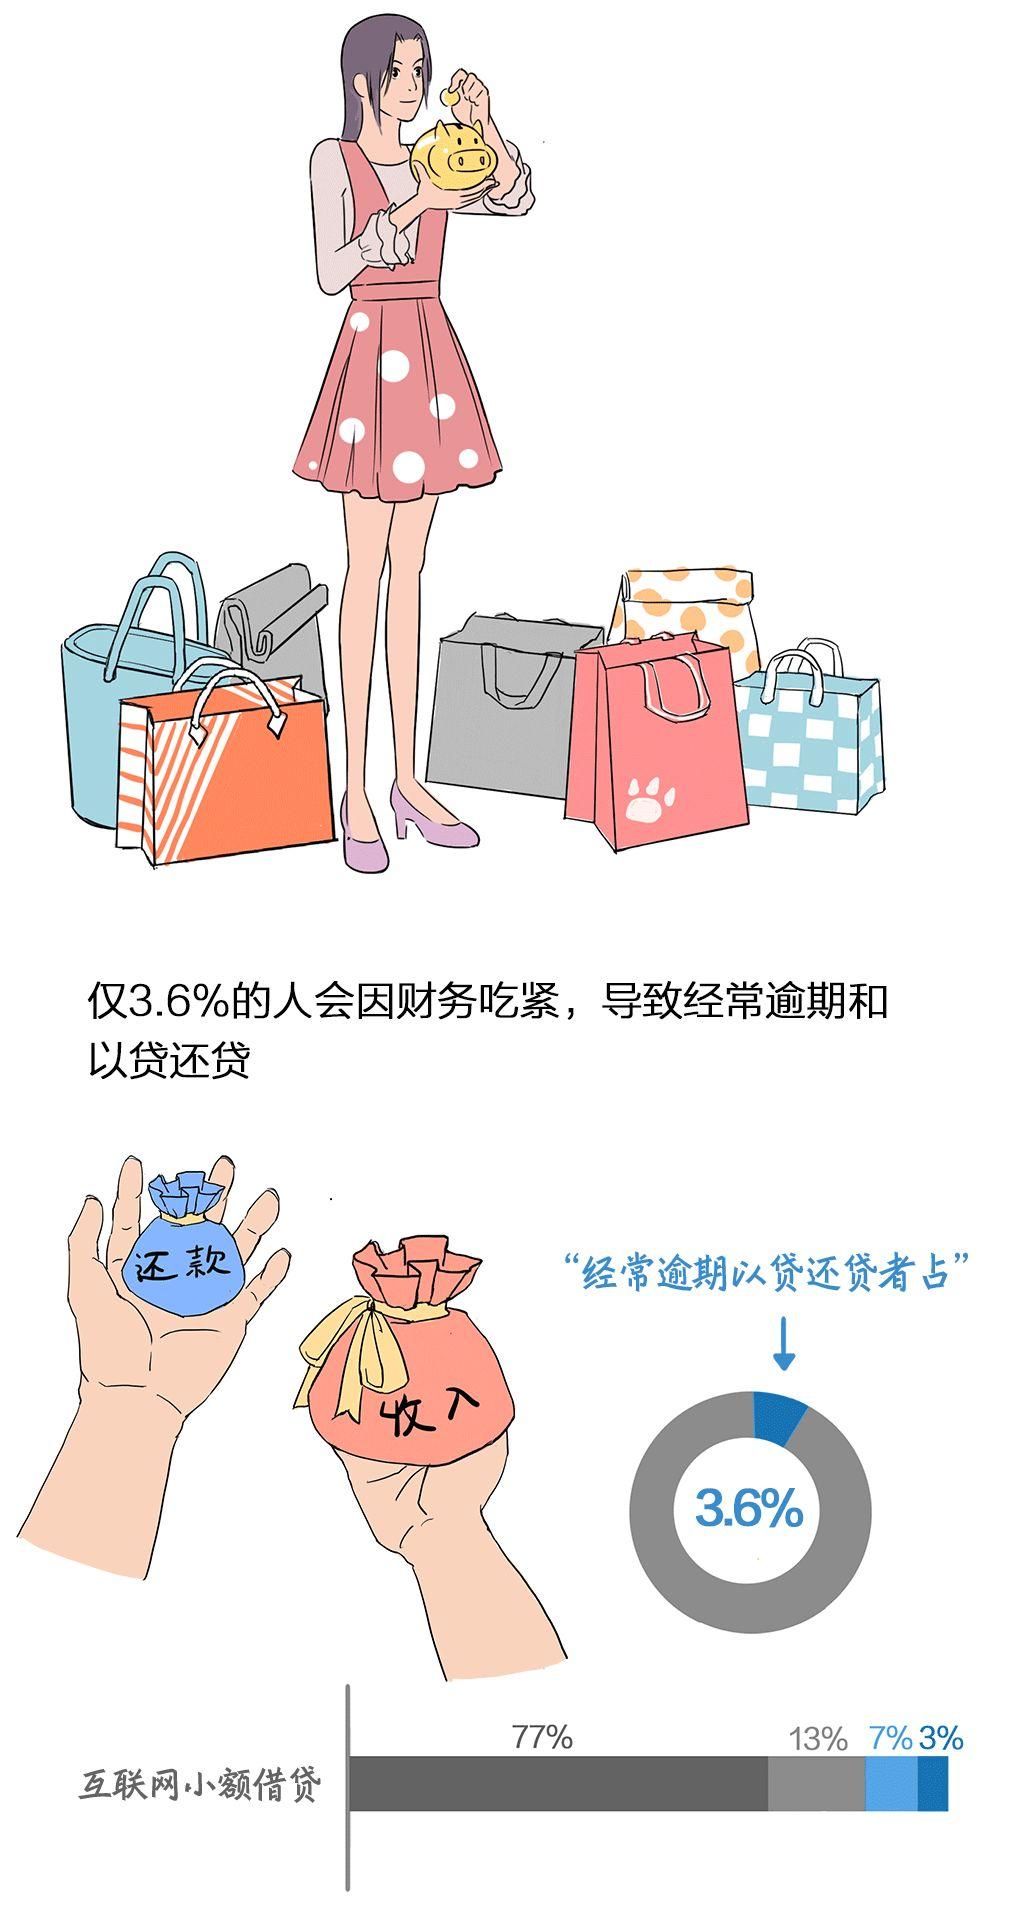 葡京在线娱乐5647 - 中科招商杨天歌:不良资产在司法处置中面临的问题